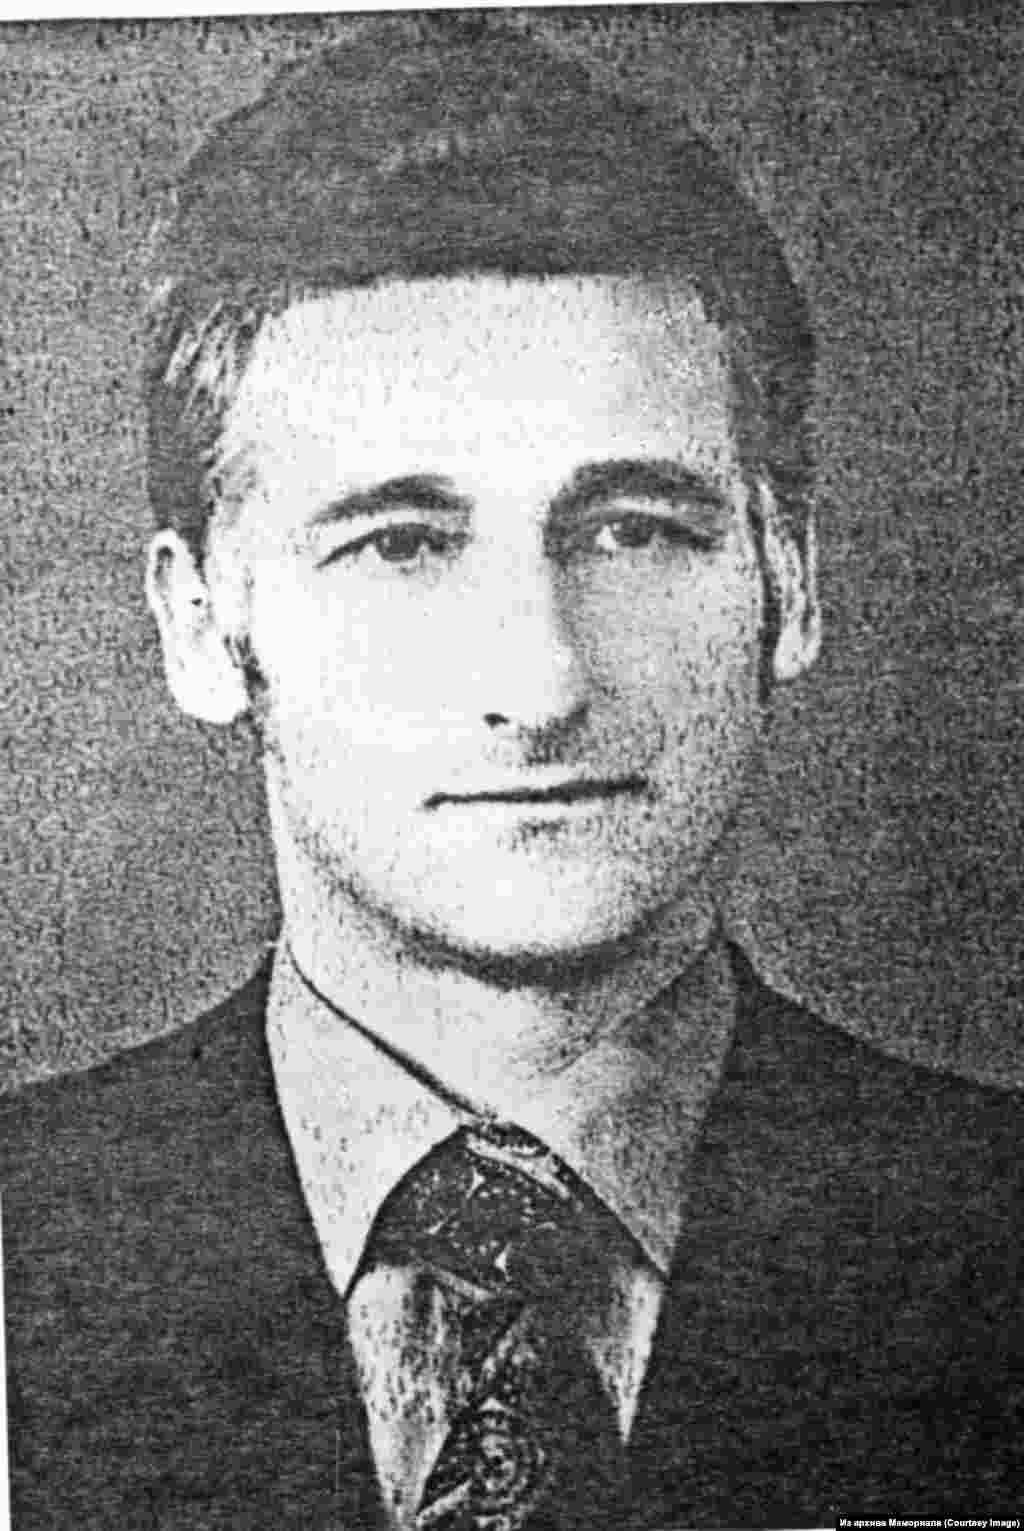 """ЭндельРатас (1938-2006) - член эстонского подпольного кружка """"Союз эстонских борцов за свободу"""", политзаключенный с 1959 по 1963."""